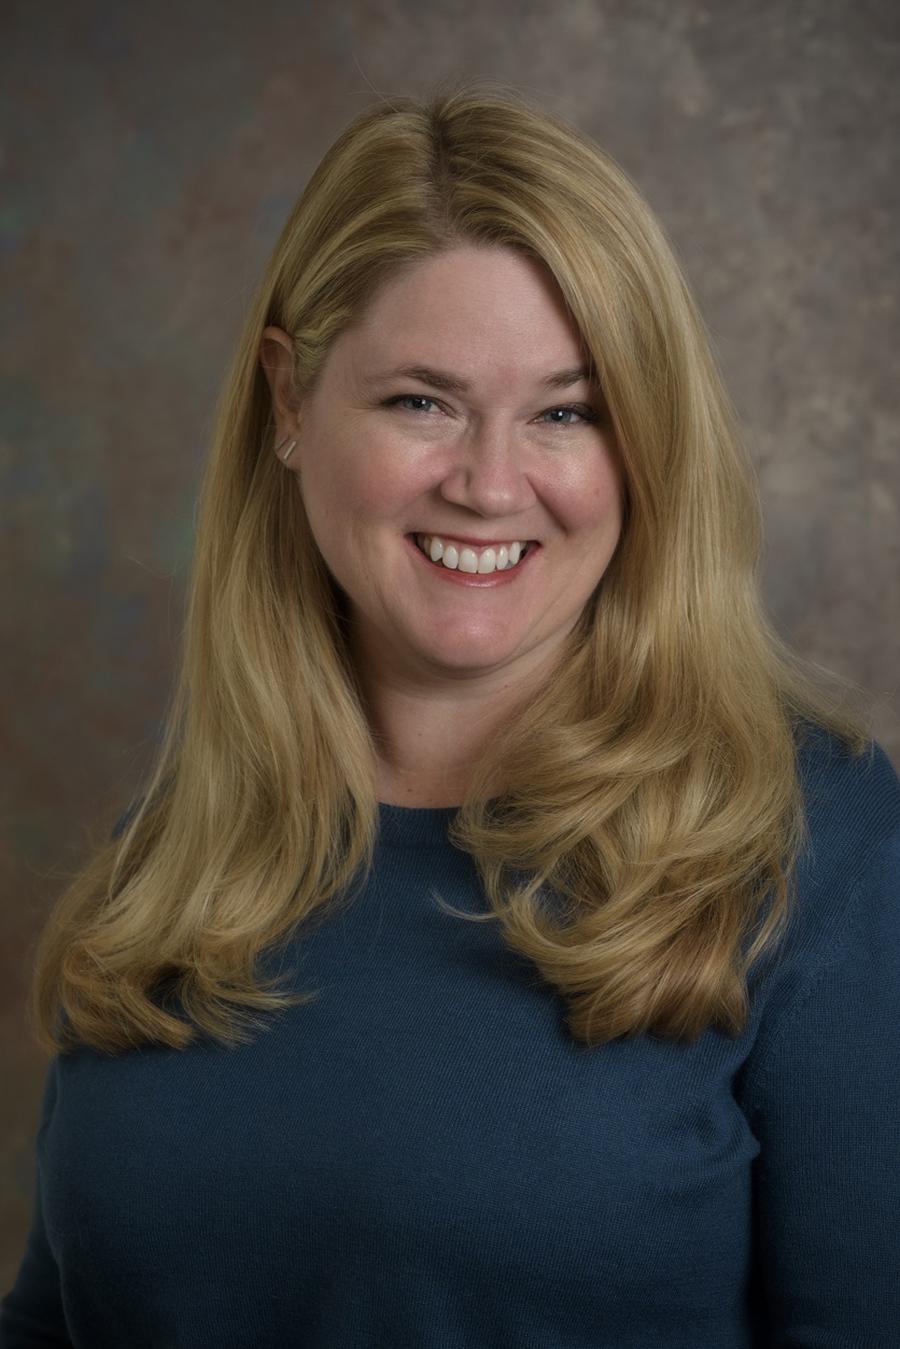 Amanda Jansen portrait